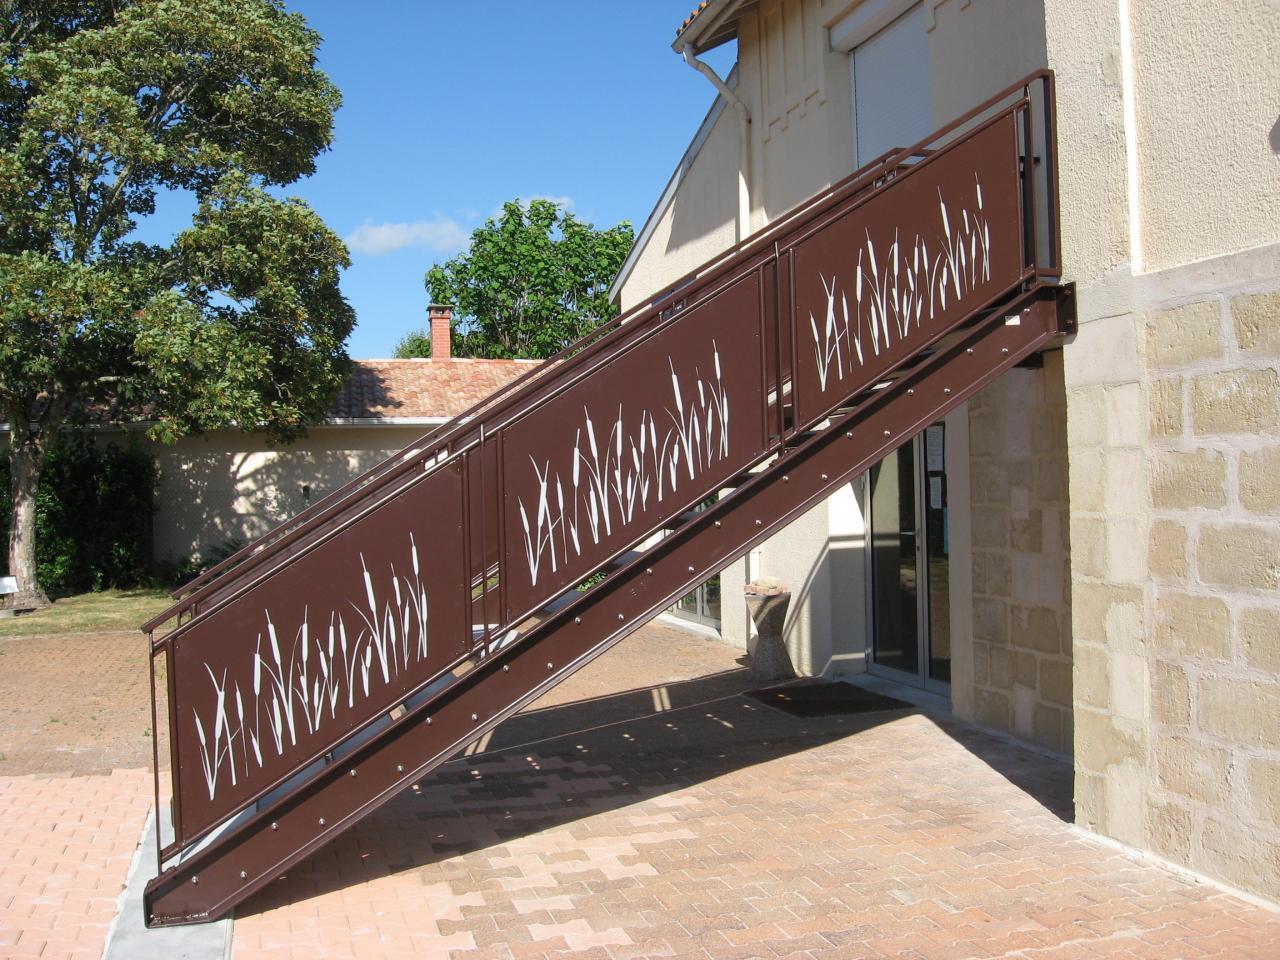 Escalier Office du Tourisme de Grayan